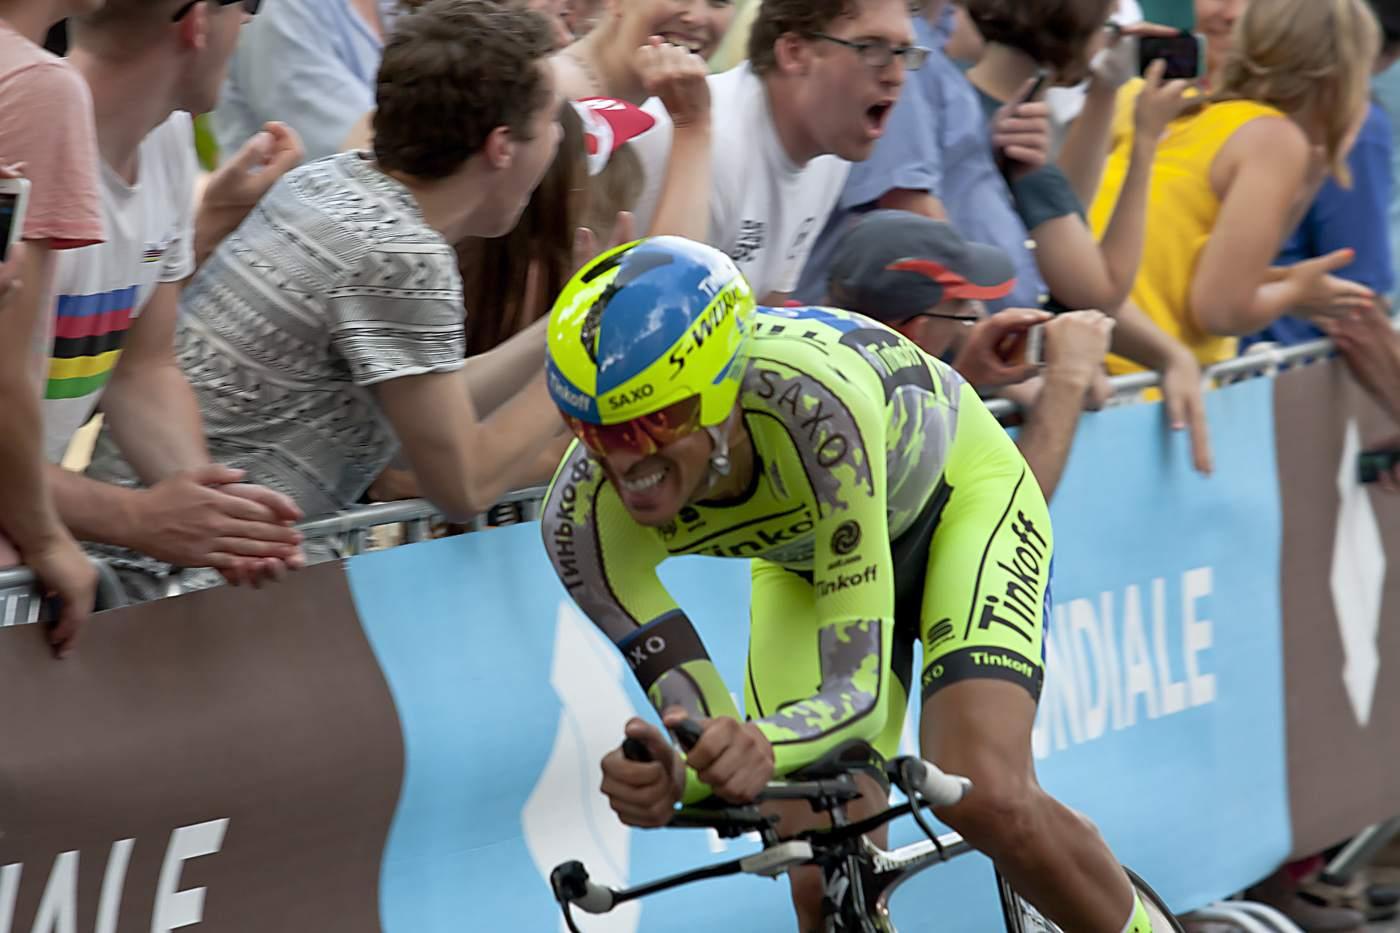 tour france 2015 pictures12 Tour de France 2015 in Pictures